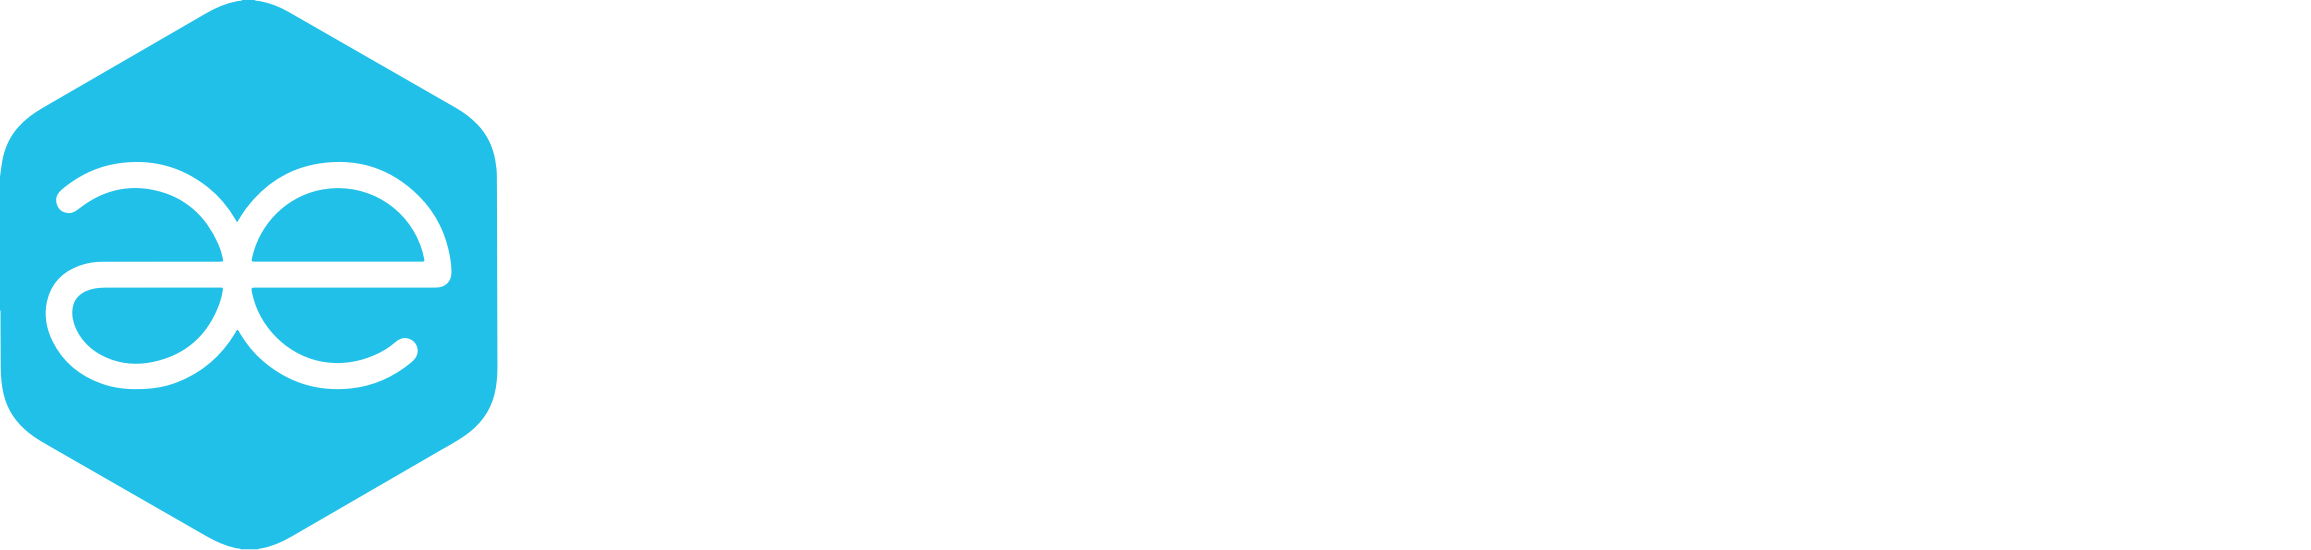 Ae logo white 1